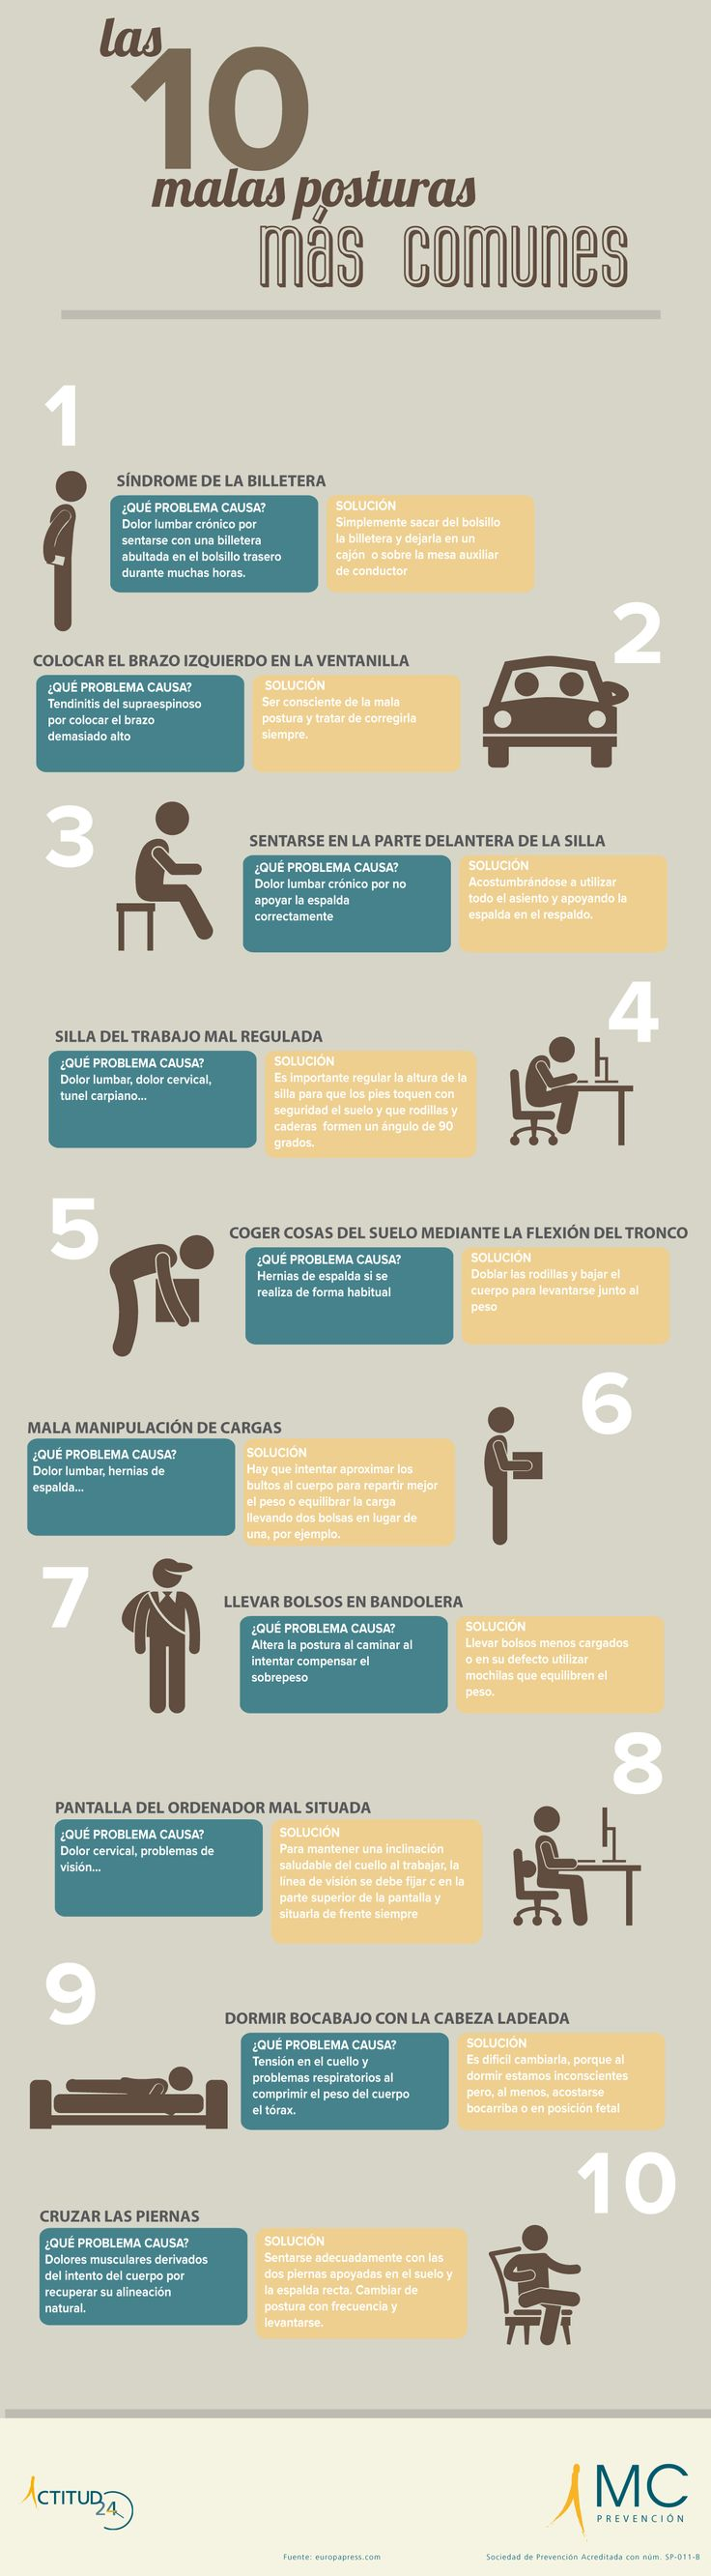 LAs 10 malas posturas más comunes #fisioterapia #salud www.logarsalud.com